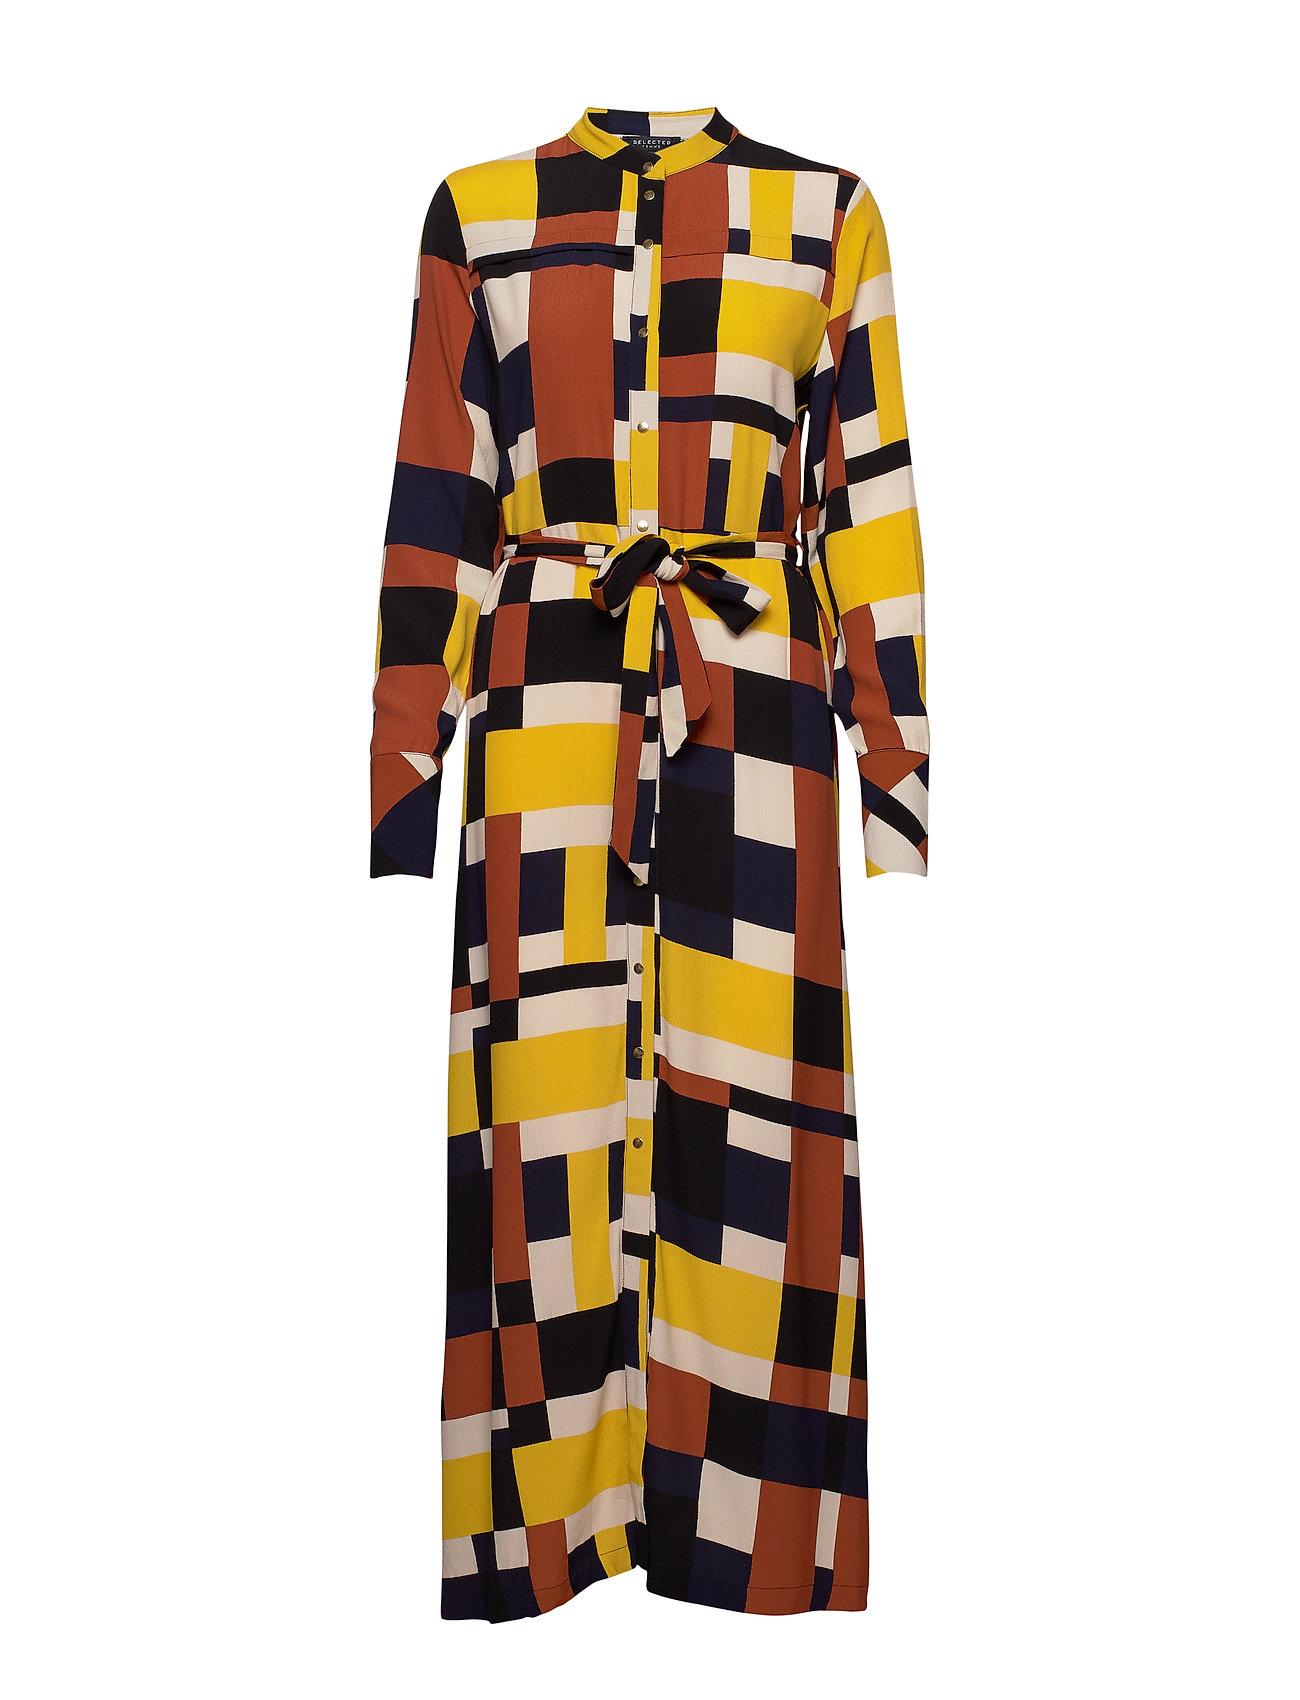 Selected Femme SLFHADLEY-FLORENTA LS AOP ANKLE DRESS B - GINGER BREAD